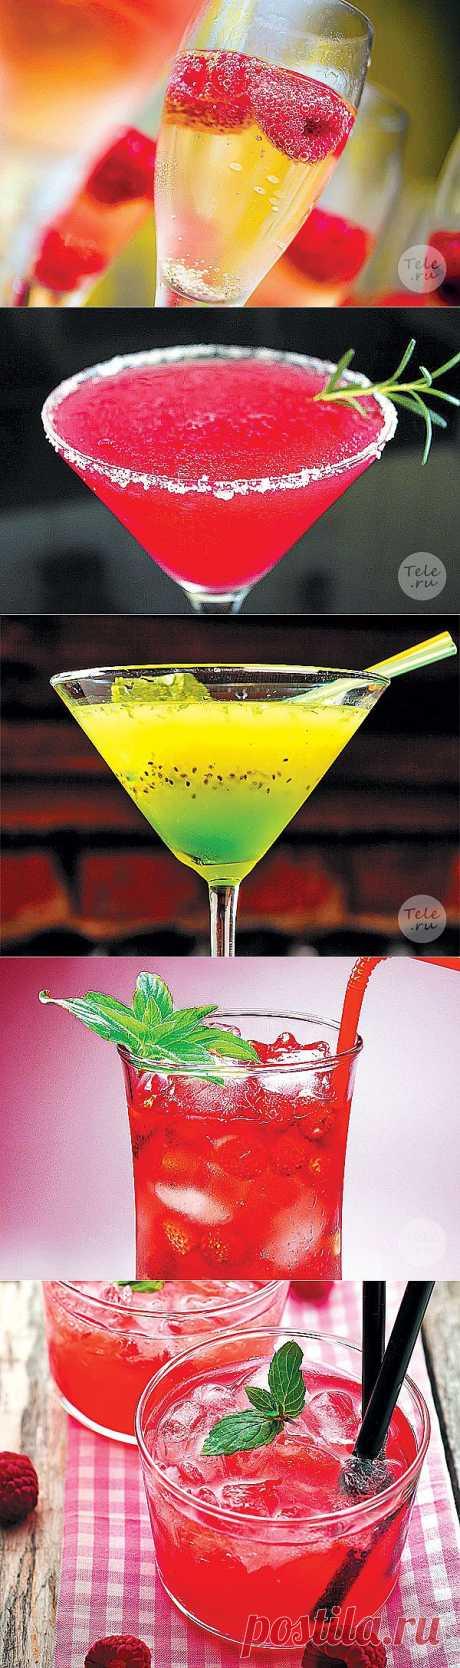 Согласно статистике, самые популярные летние напитки в России — коктейль мохито и квас. Но и тот, и другой уже порядком надоели. Сегодня в кафе и барах предлагают необычные освежающие коктейли, которые при желании можно легко приготовить дома.